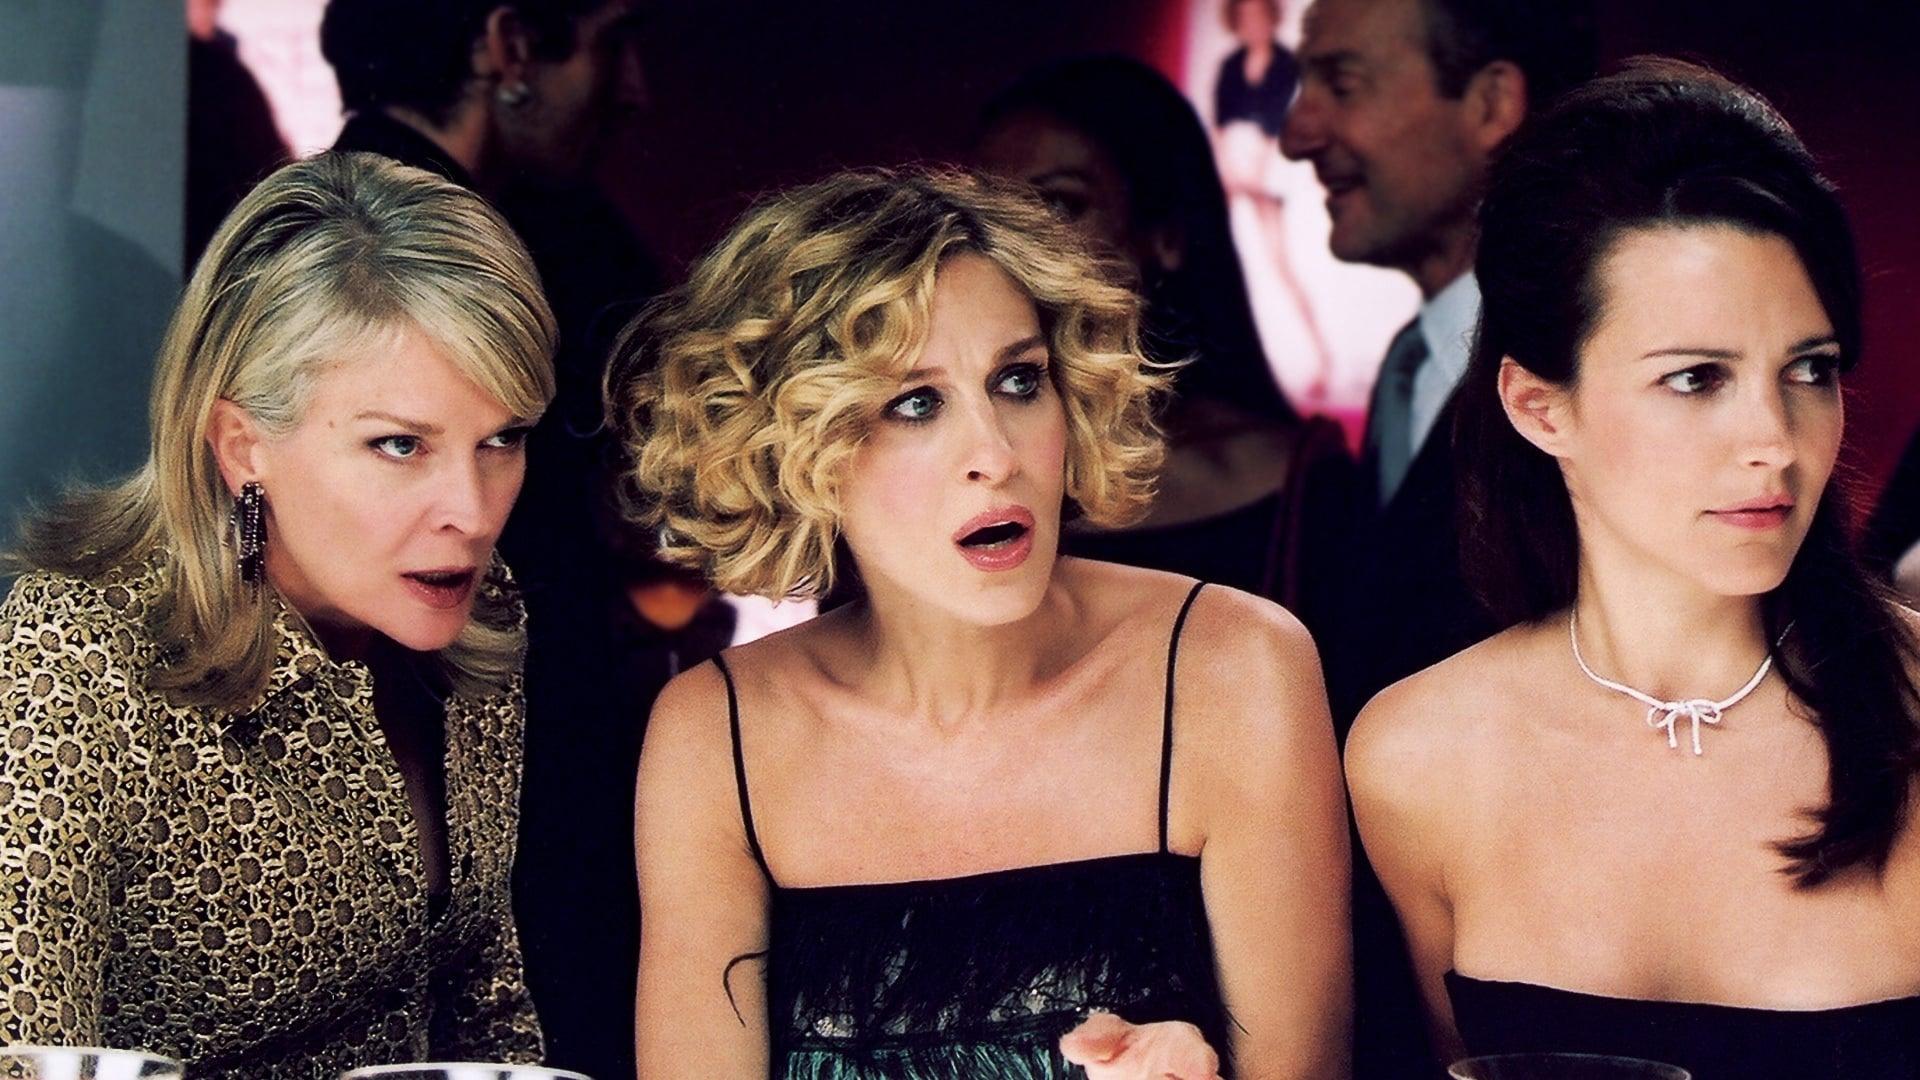 Сериал Секс в большом городе добавлен 6 сезон 20 серия смотреть онлайн